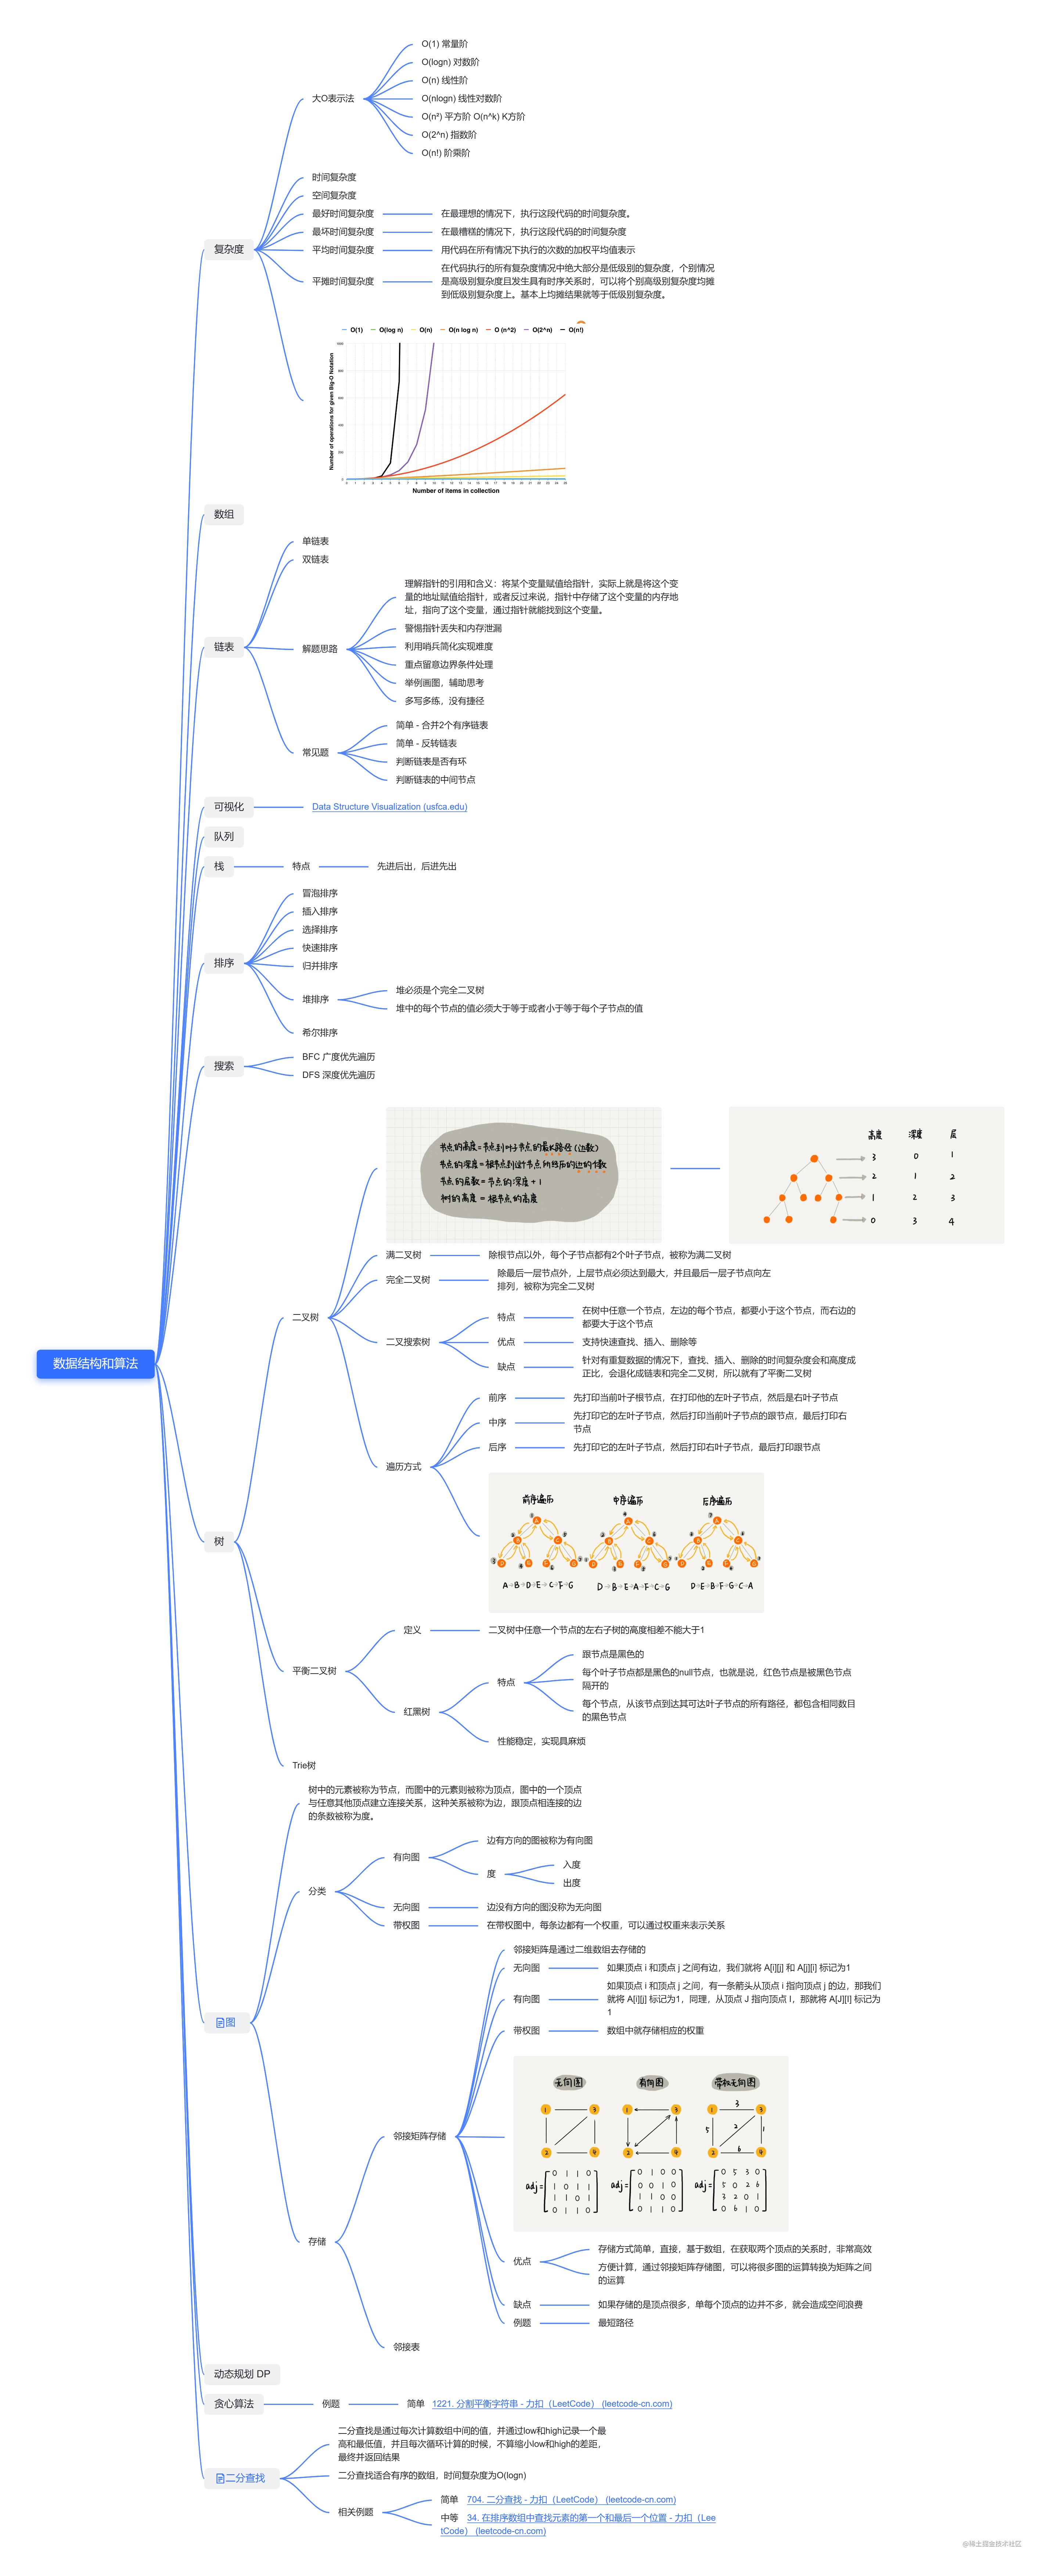 数据结构和算法.png